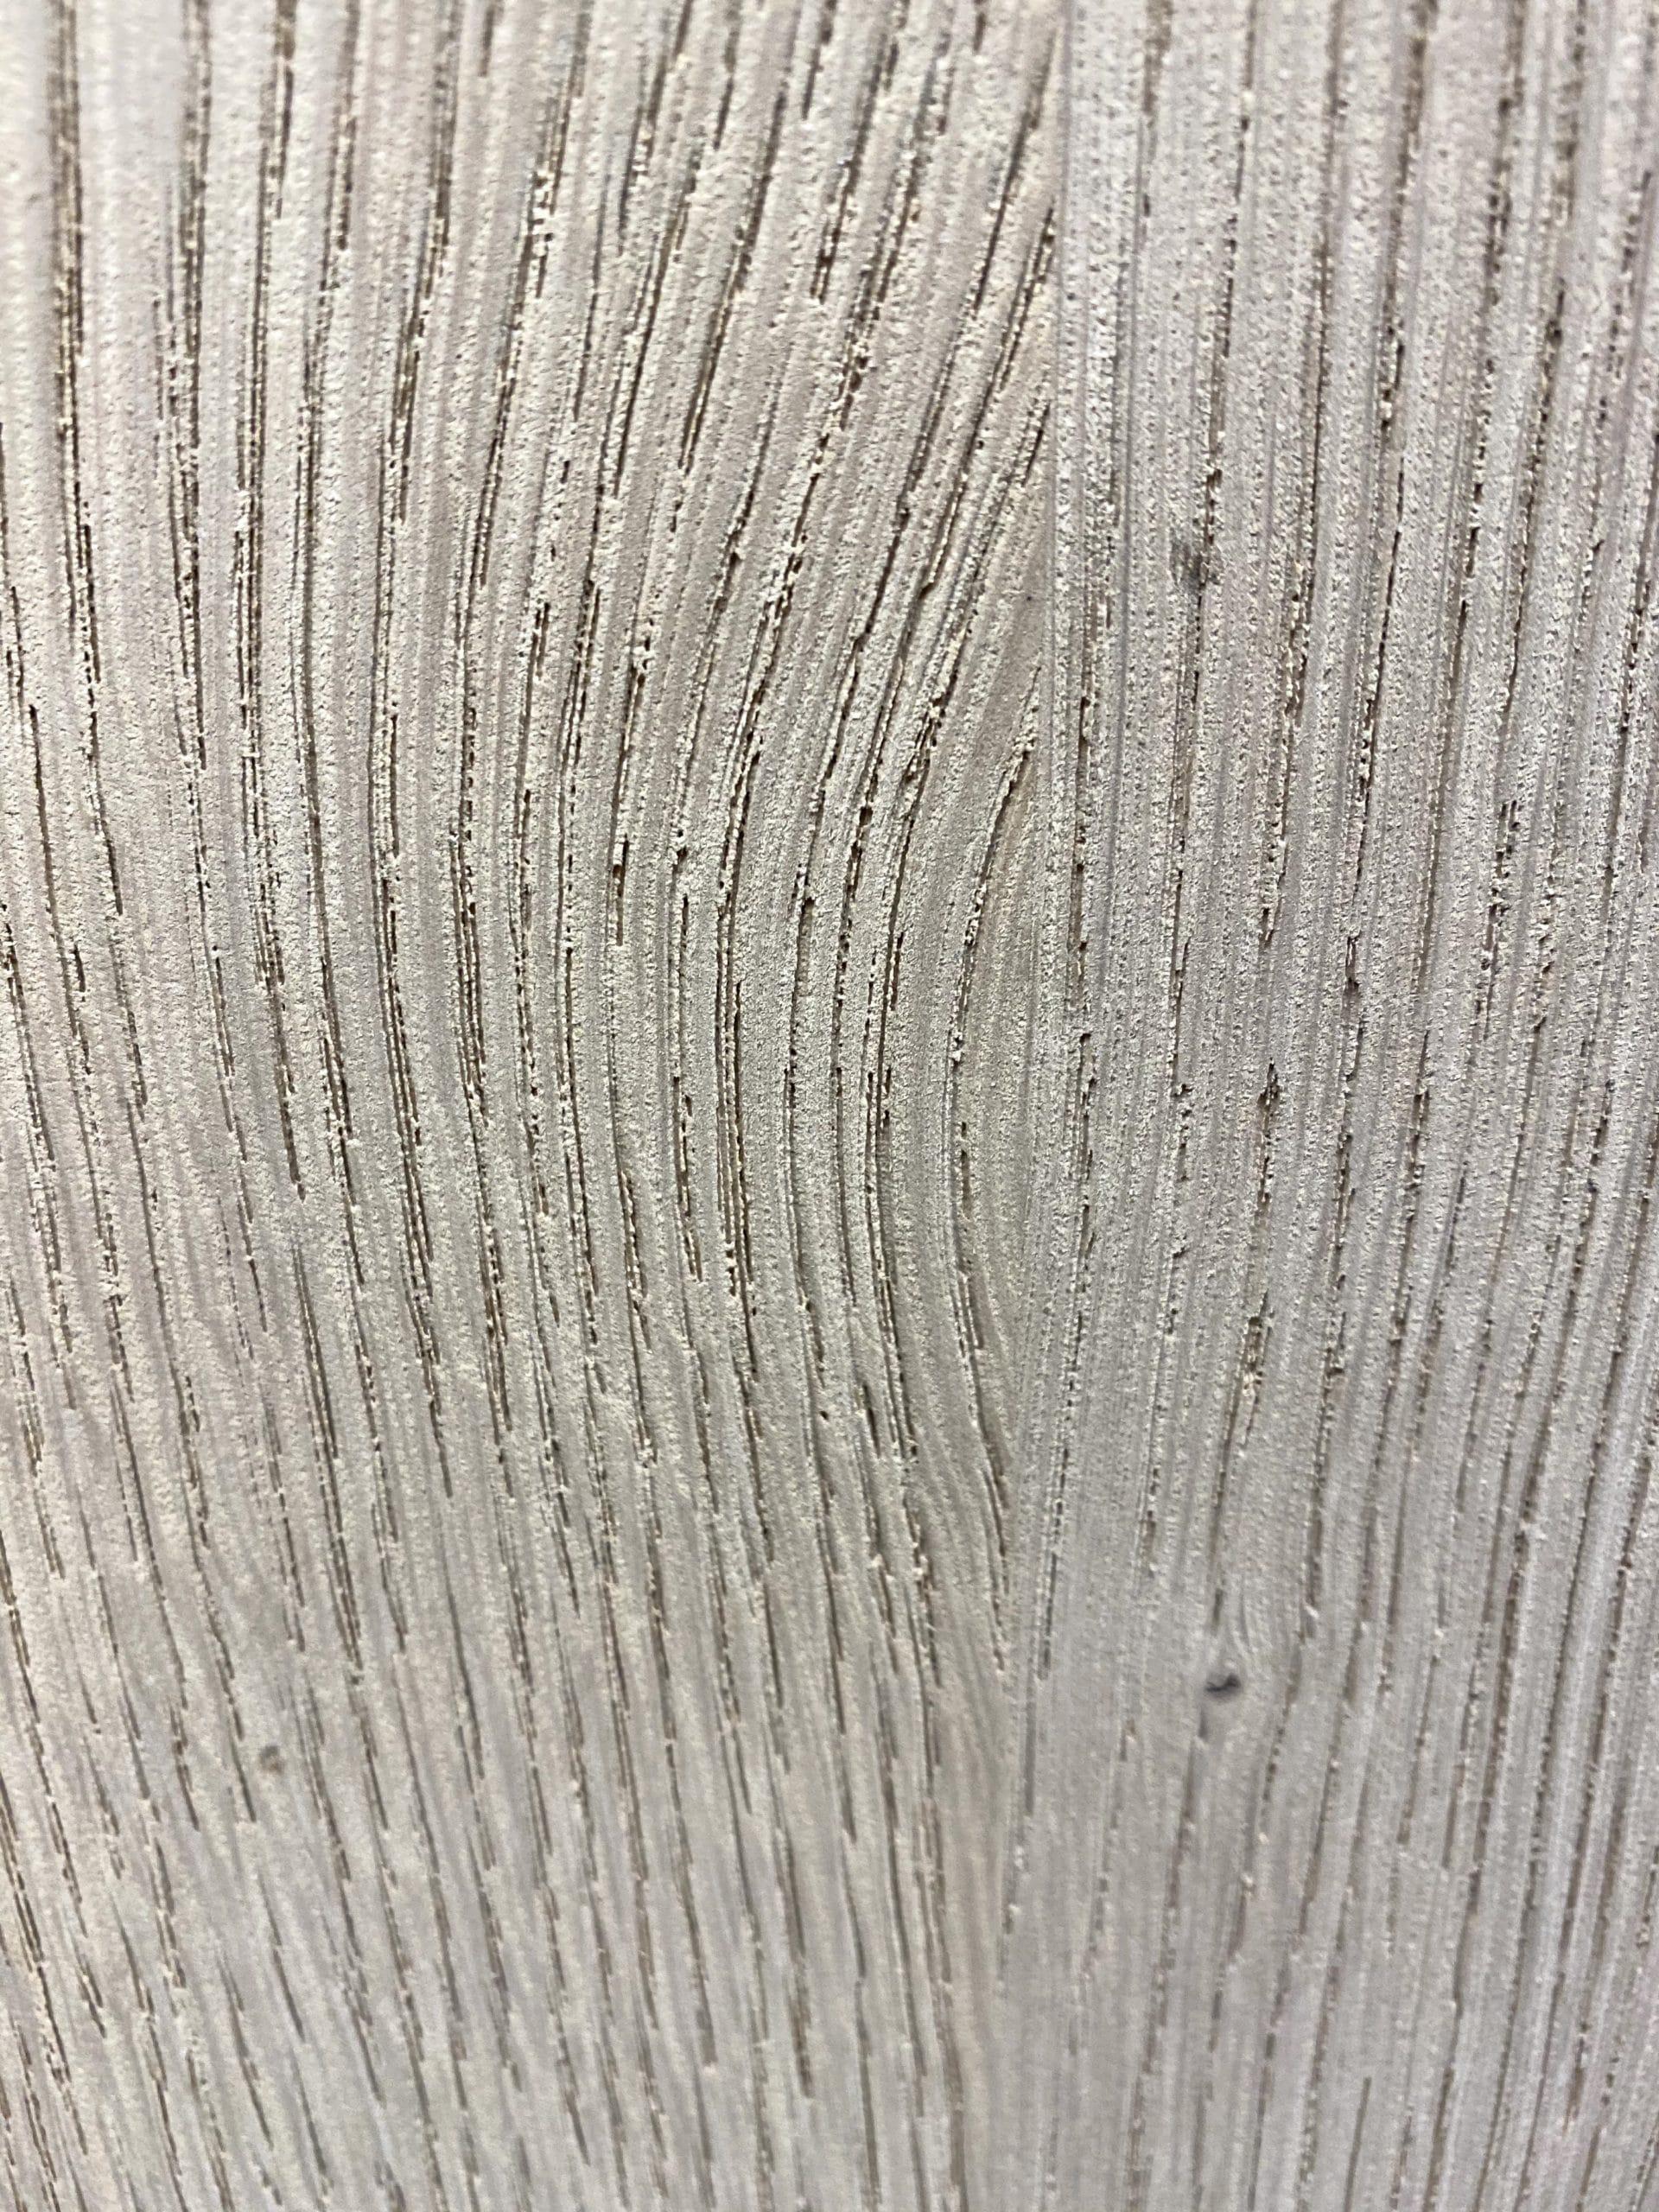 Le veinage du chêne est nettoyer en profondeur